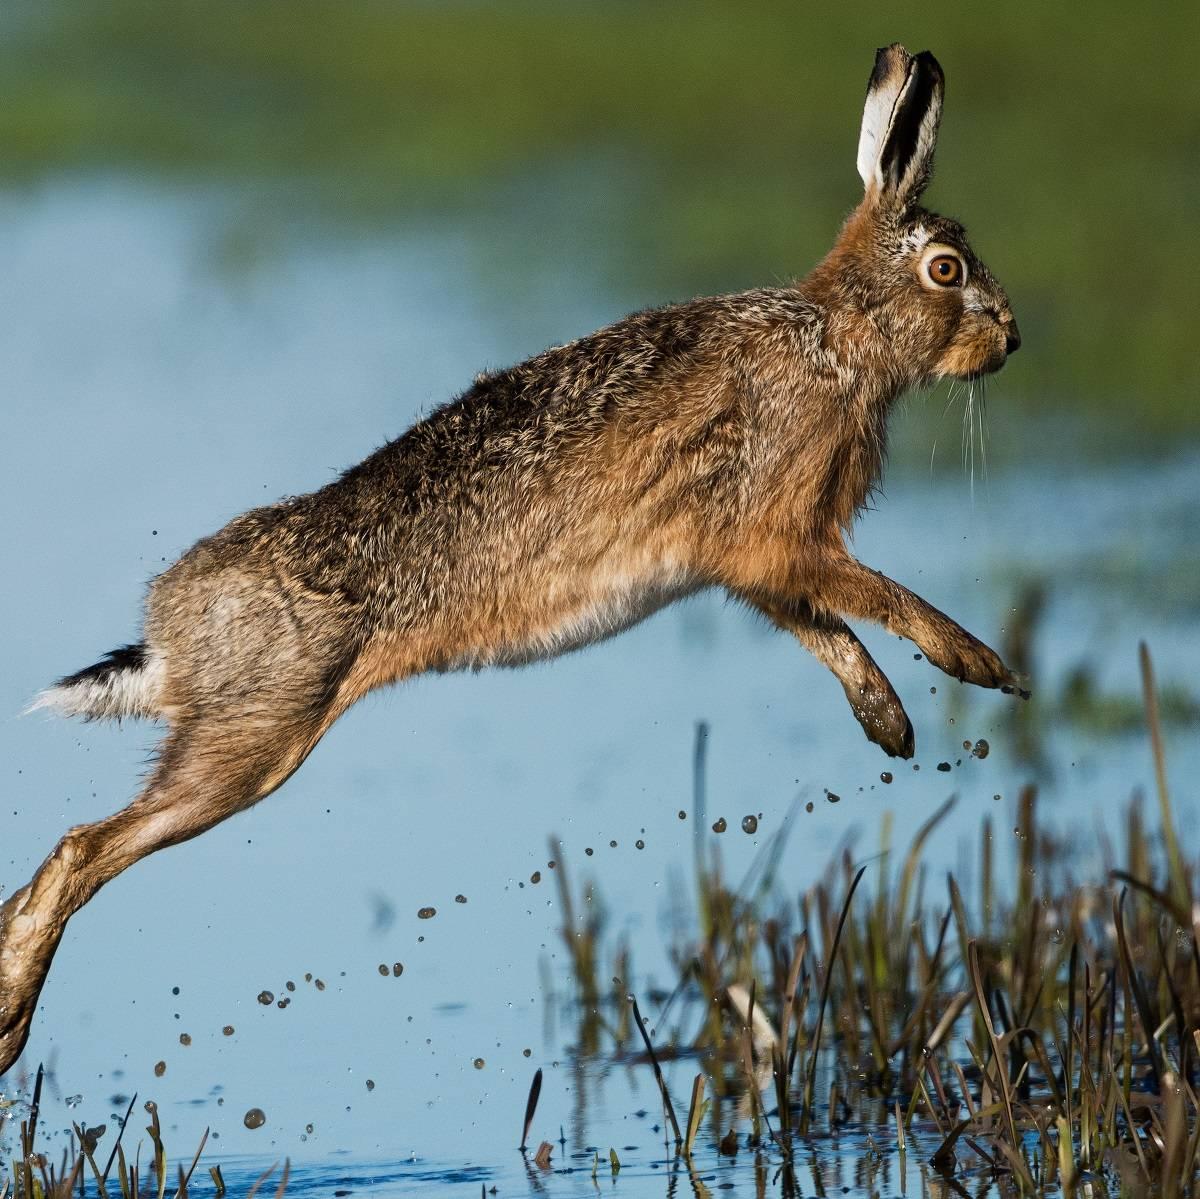 A European hare jumps through water